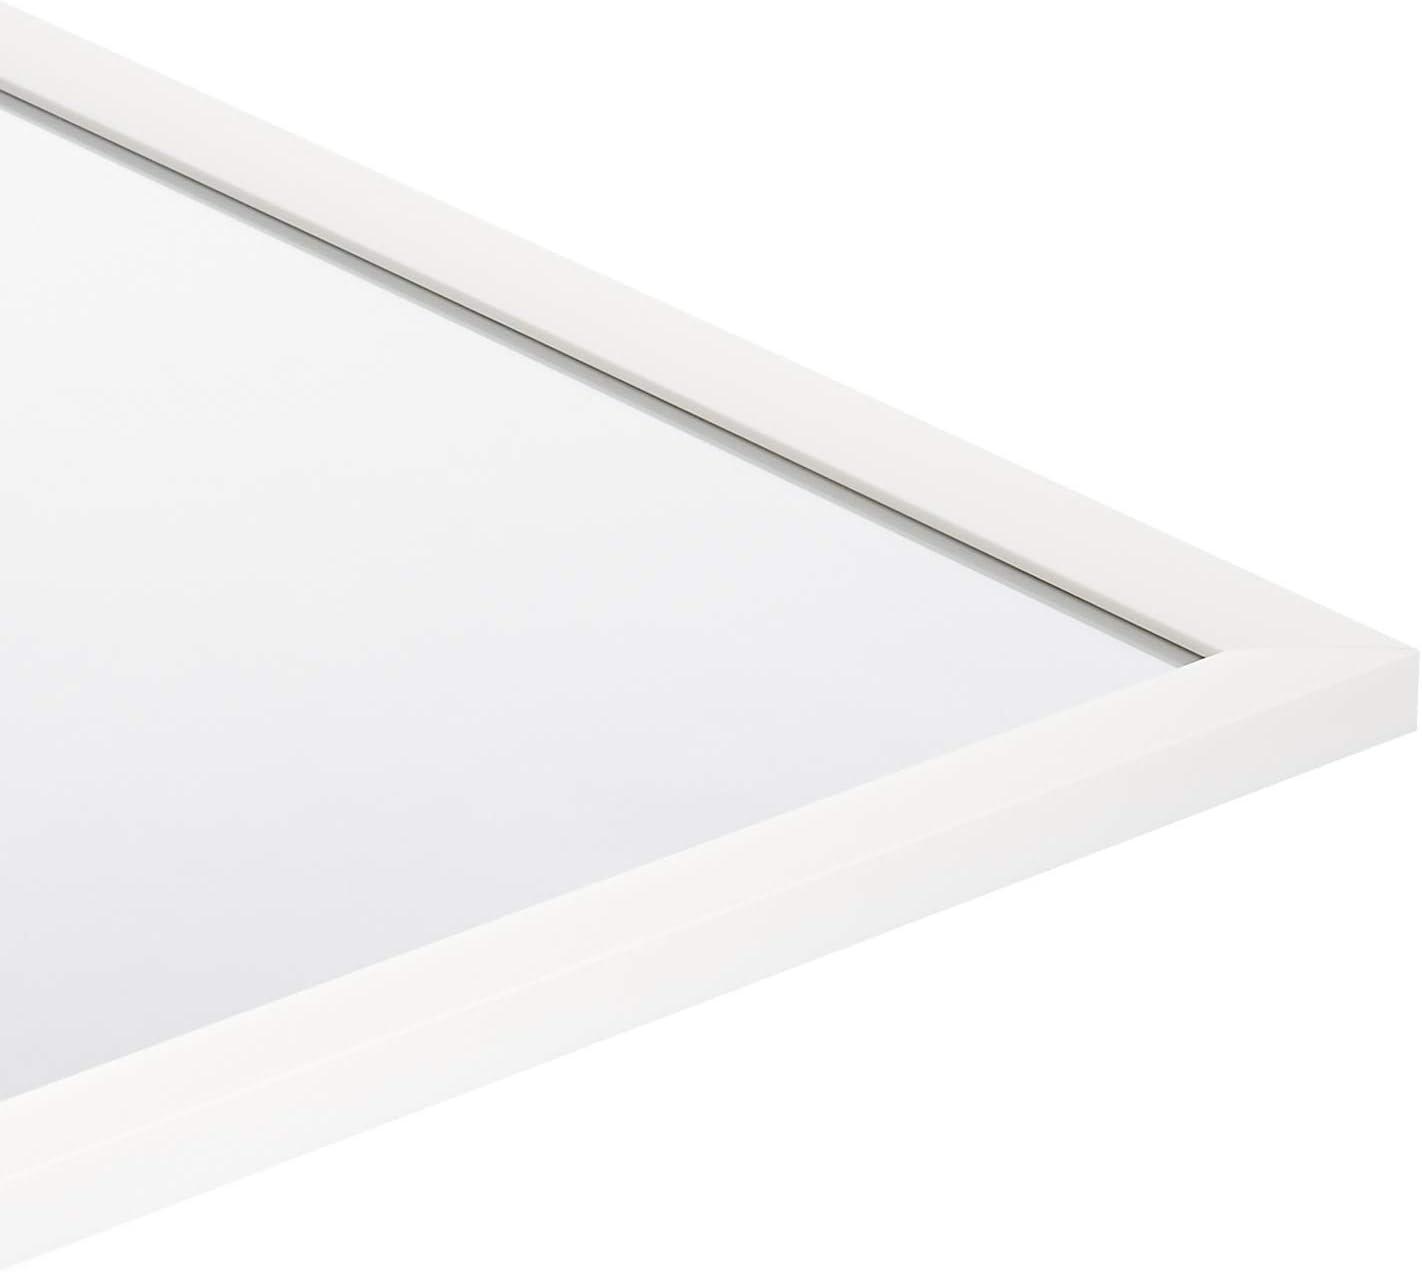 Basics Miroir mural rectangulaire Laiton 60,9 x 91,4 cm Encadrement biseaut/é